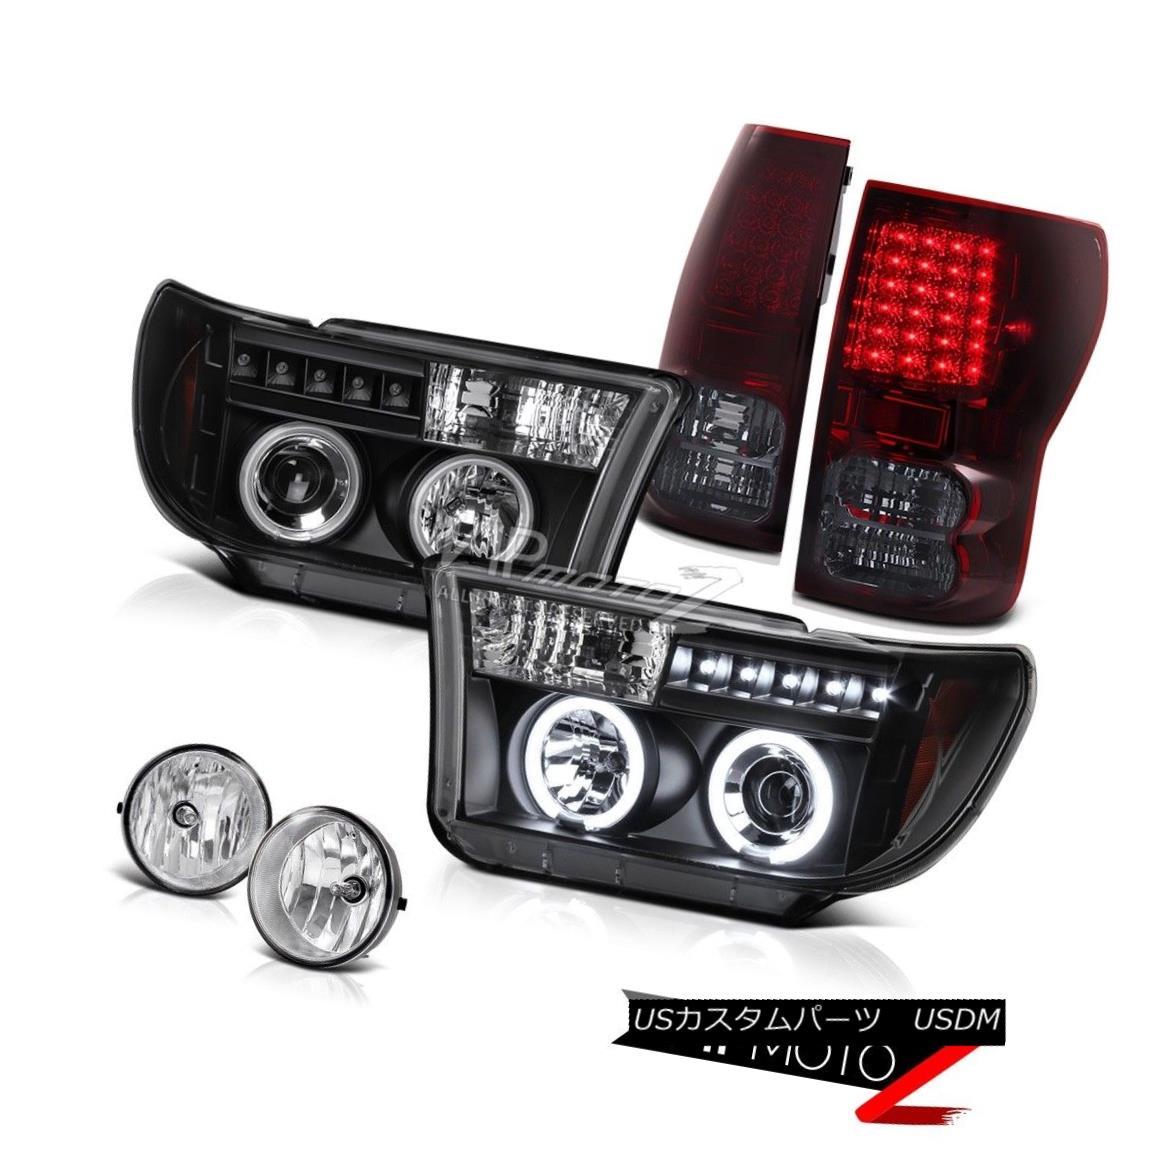 ヘッドライト Toyota Tundra 2007-2013 CCFL Projector Headlight+SMOKEY Led Tail Light+Fog Lamp トヨタツンドラ2007-2013 CCFLプロジェクターヘッドライト+ SMOK  EY Ledテールライト+フォグランプ